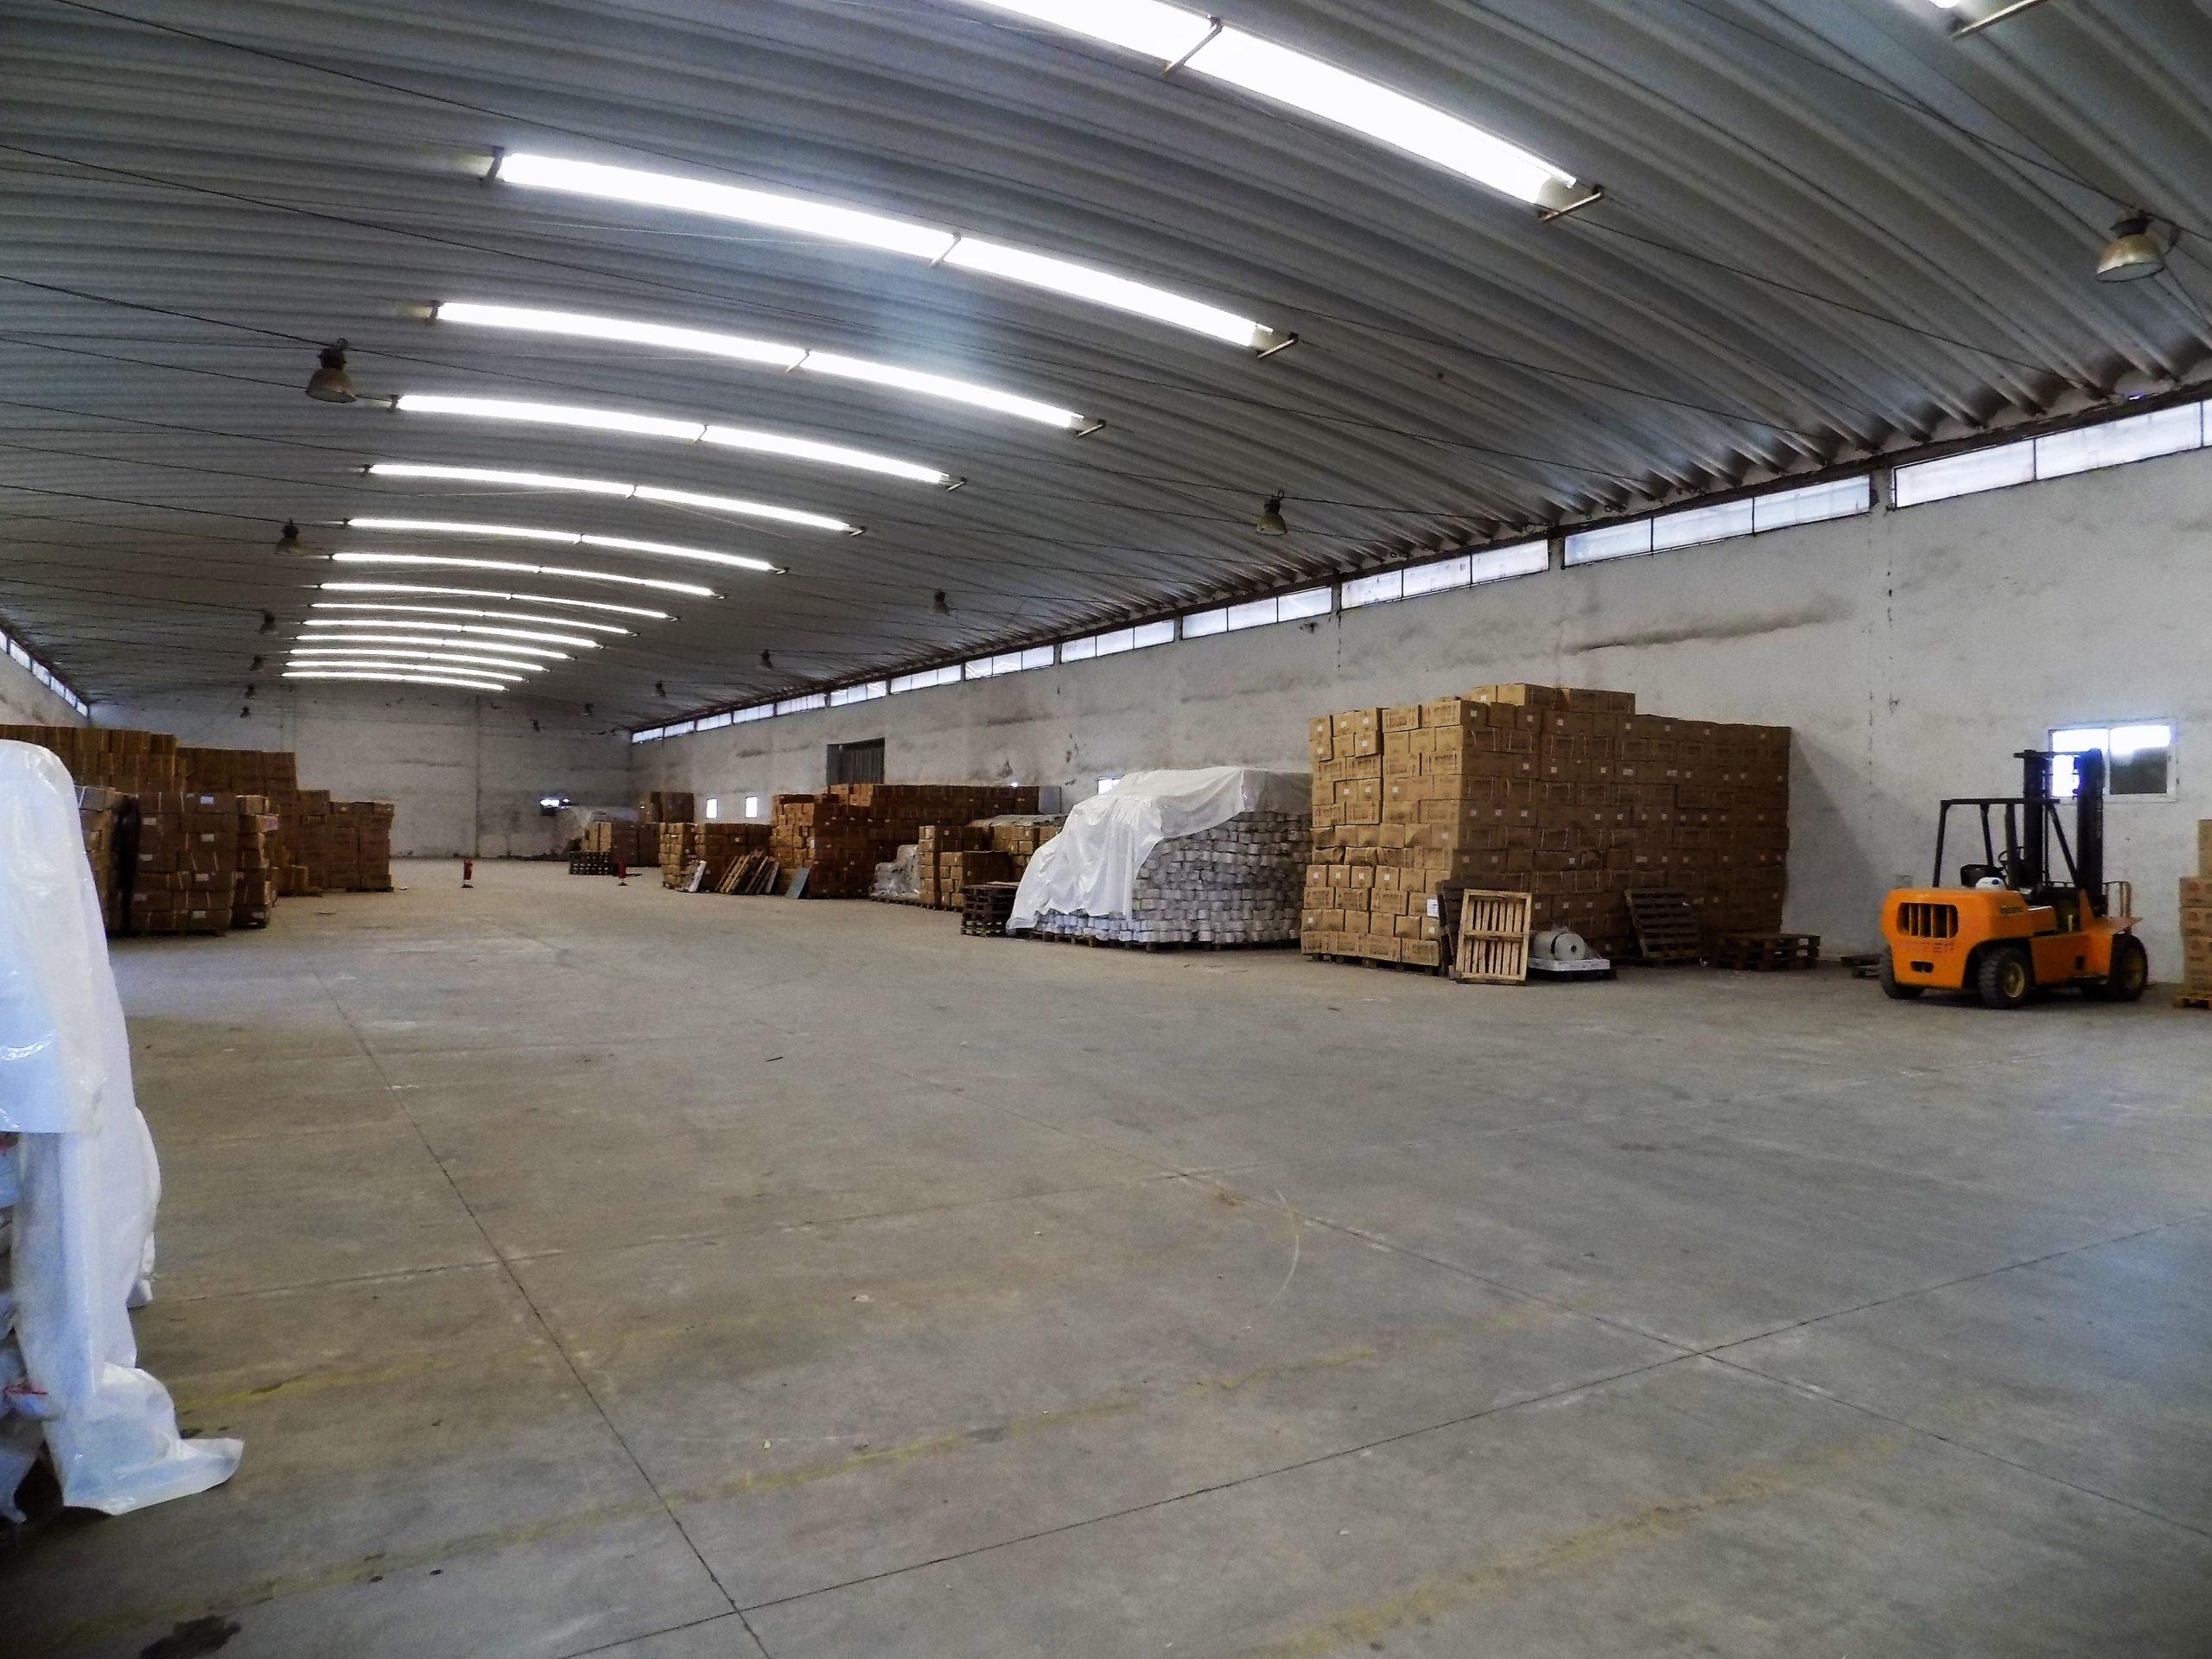 Maroc, Casablanca Sud, loue grands et vastes entrepôts de stockage modernes